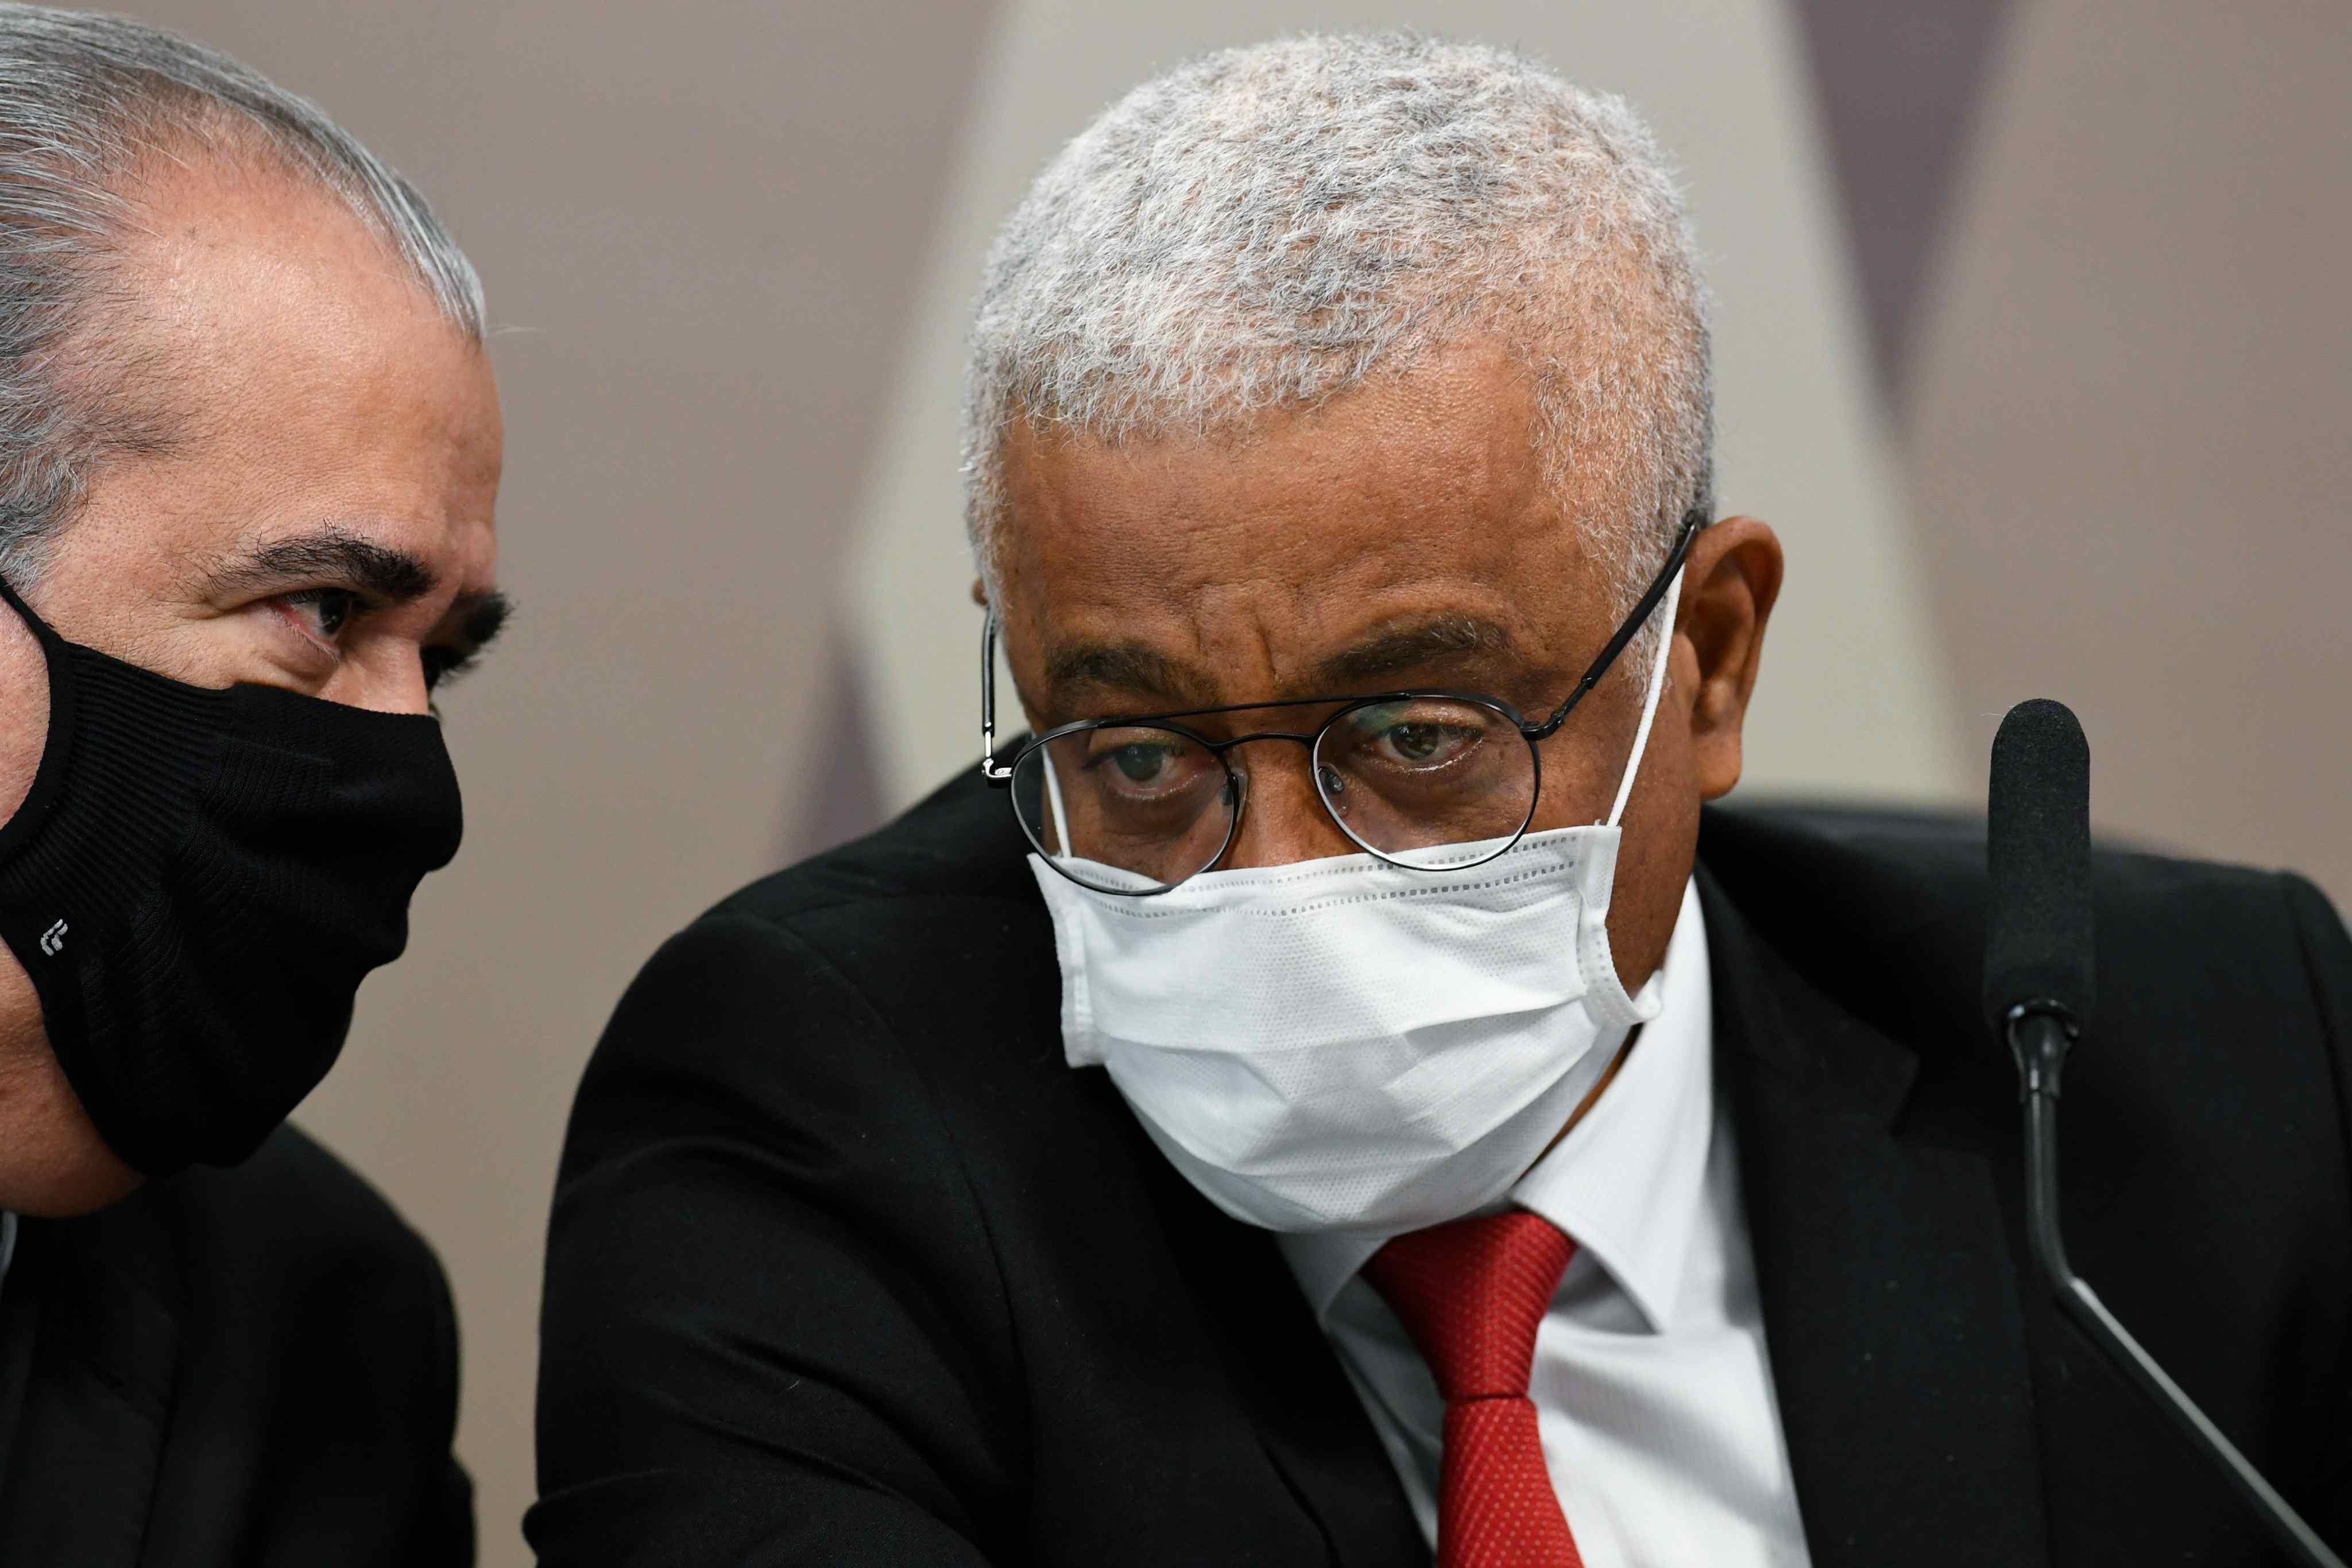 Farmacêutica e grupo de médicos são processados em R$ 55 milhões por anúncio de 'tratamento precoce'